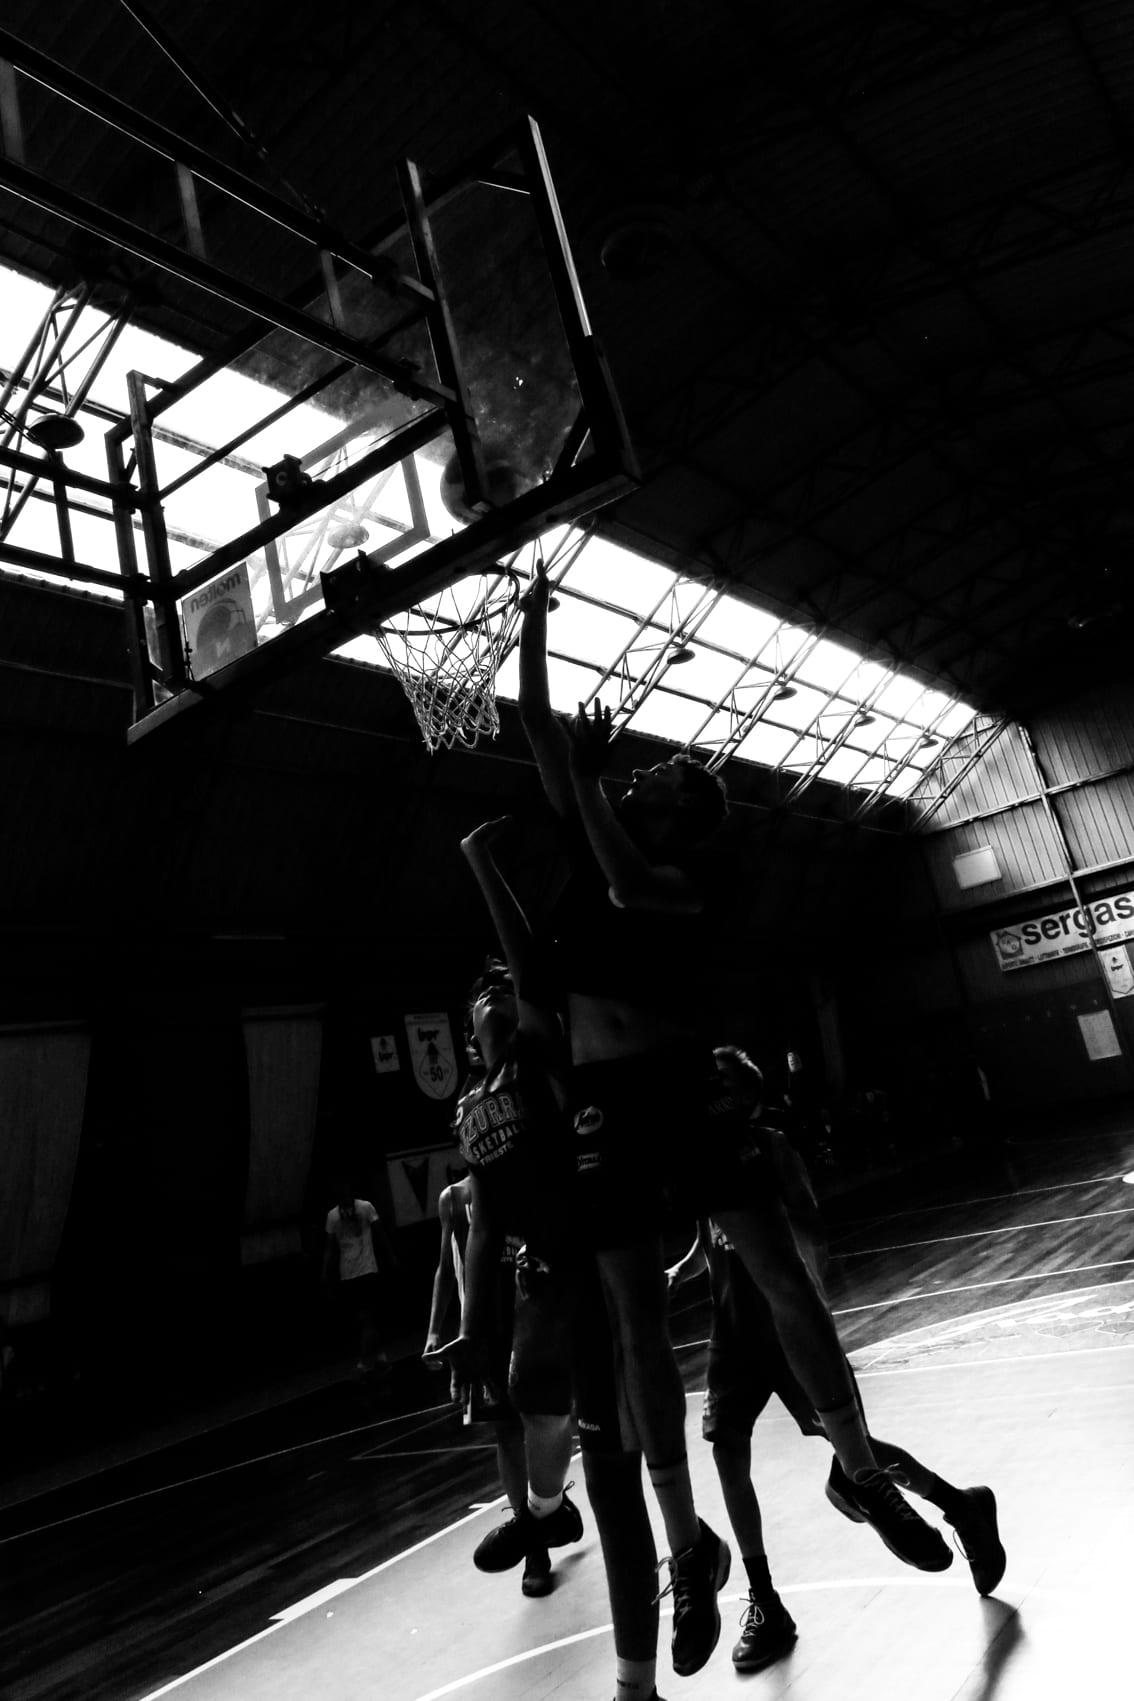 Calicanto Torneo @ Bor-75